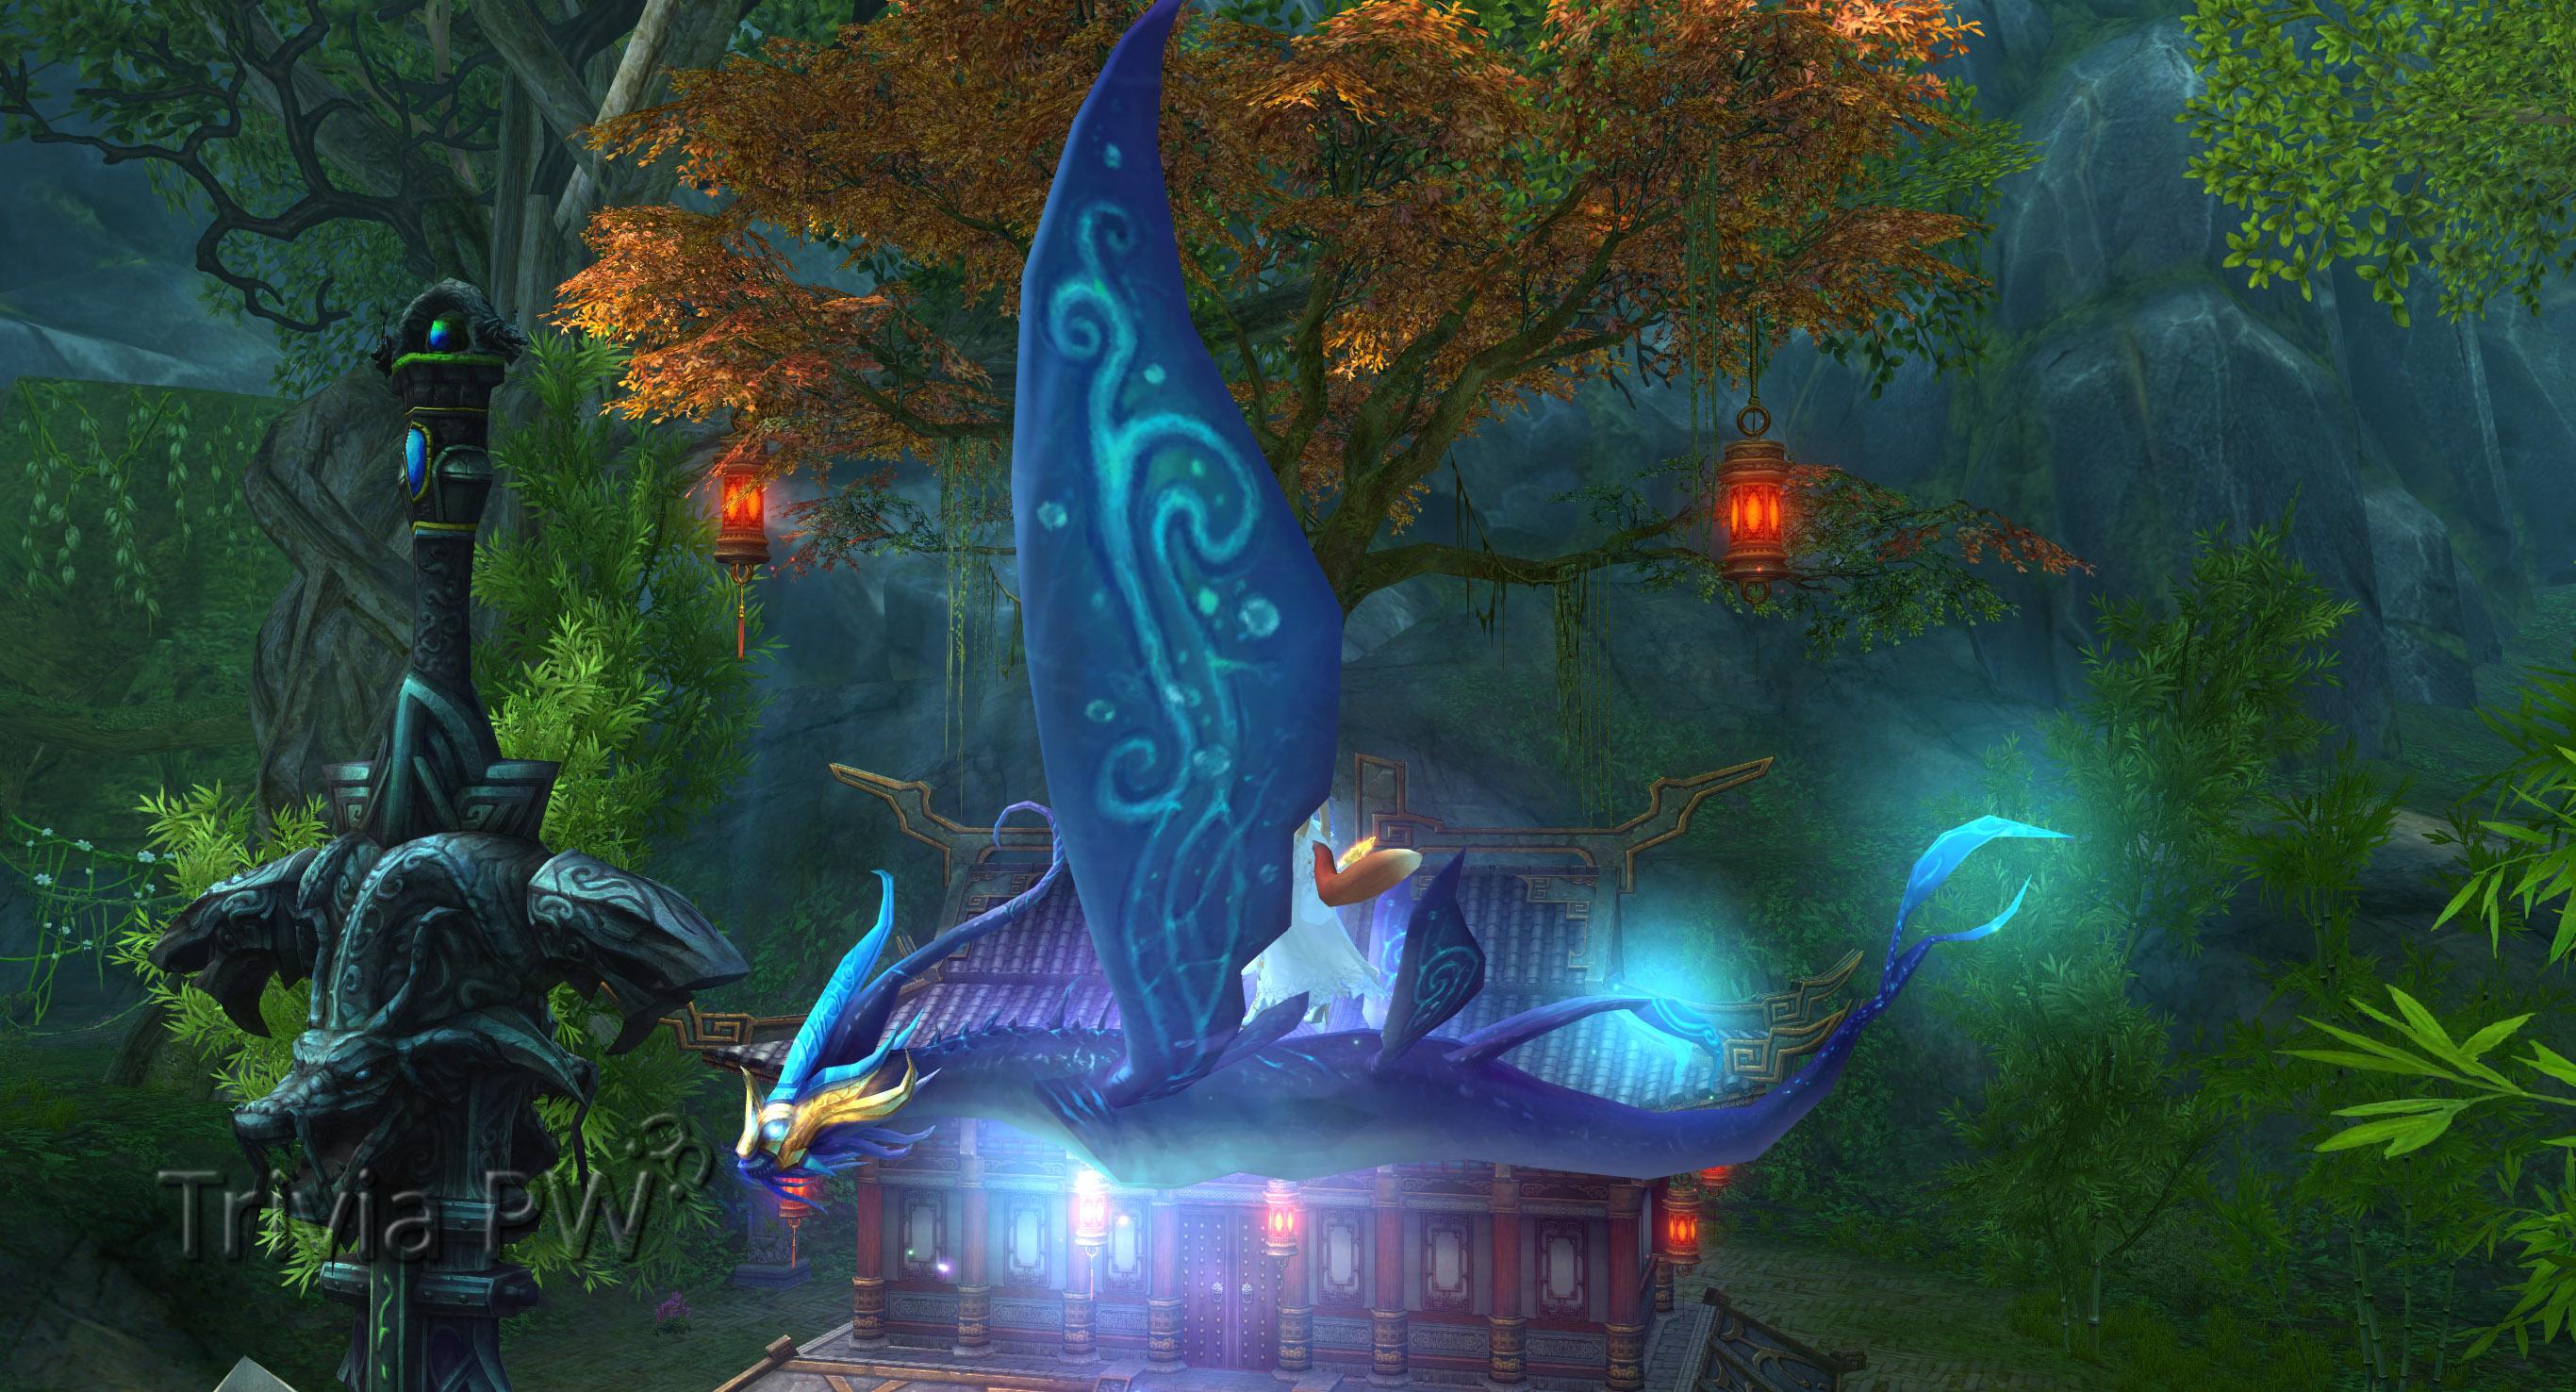 1_Dragão-Azulado-WesleyHP-3